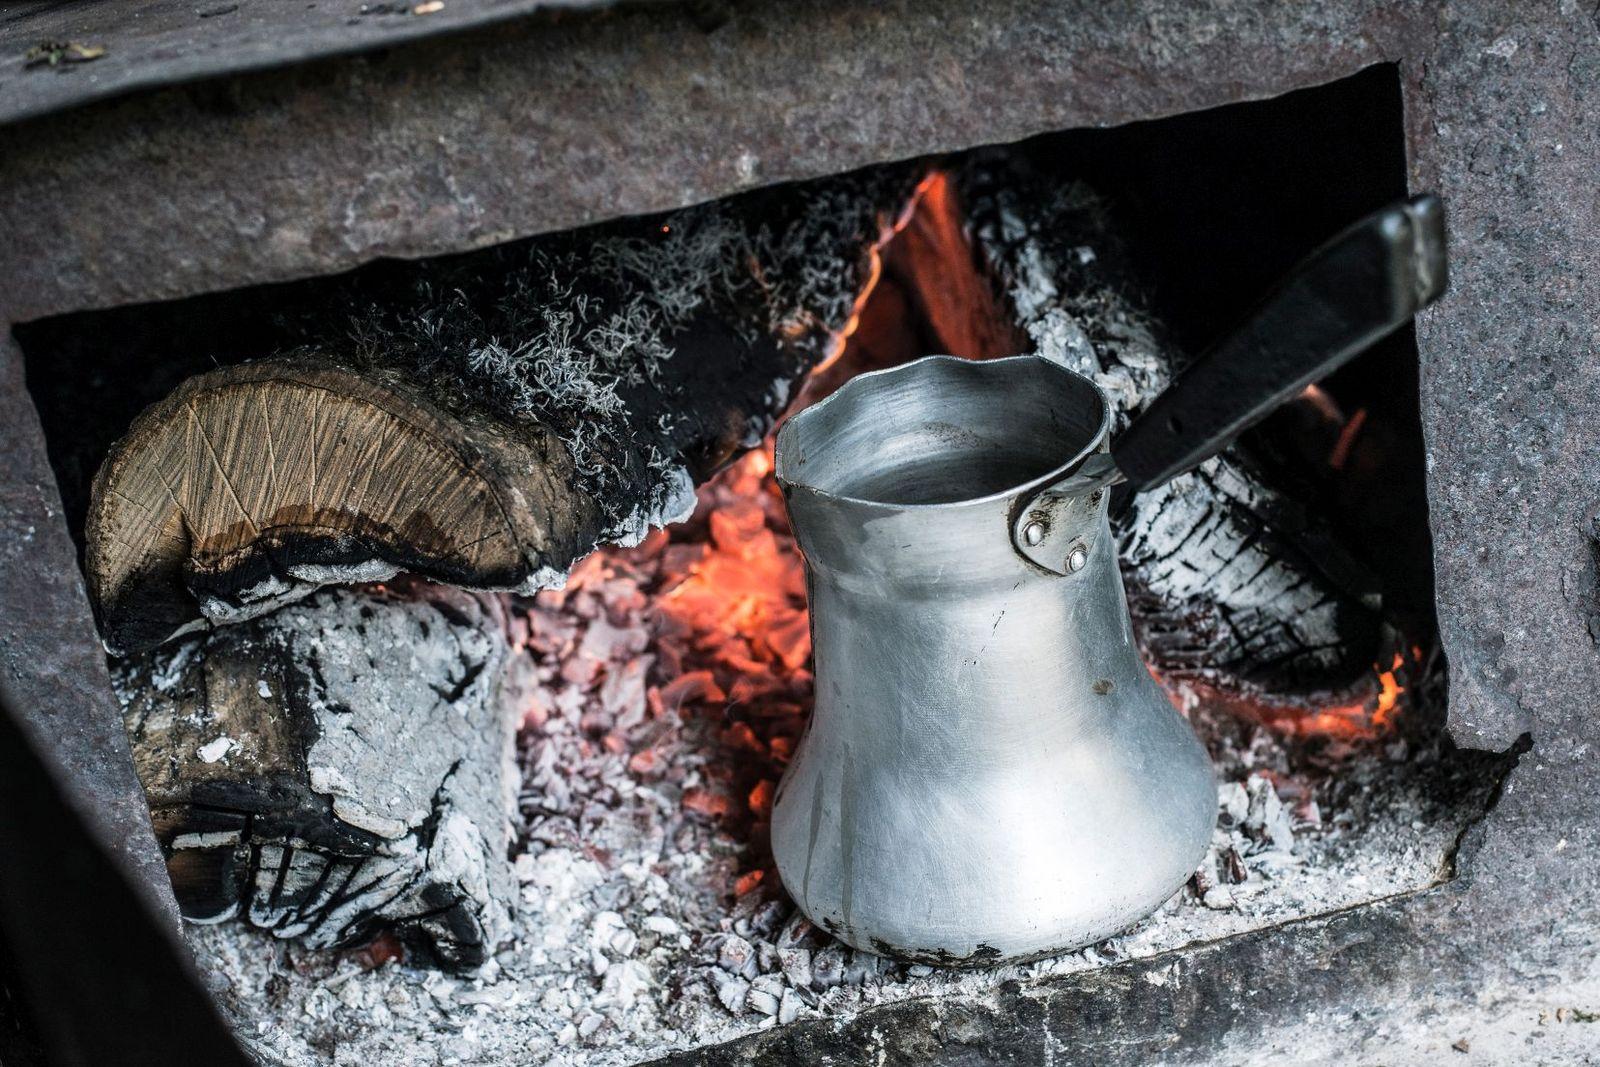 Kaffeekanne in einem Stahlofen, Gandsassar © Erol Gurian 2016